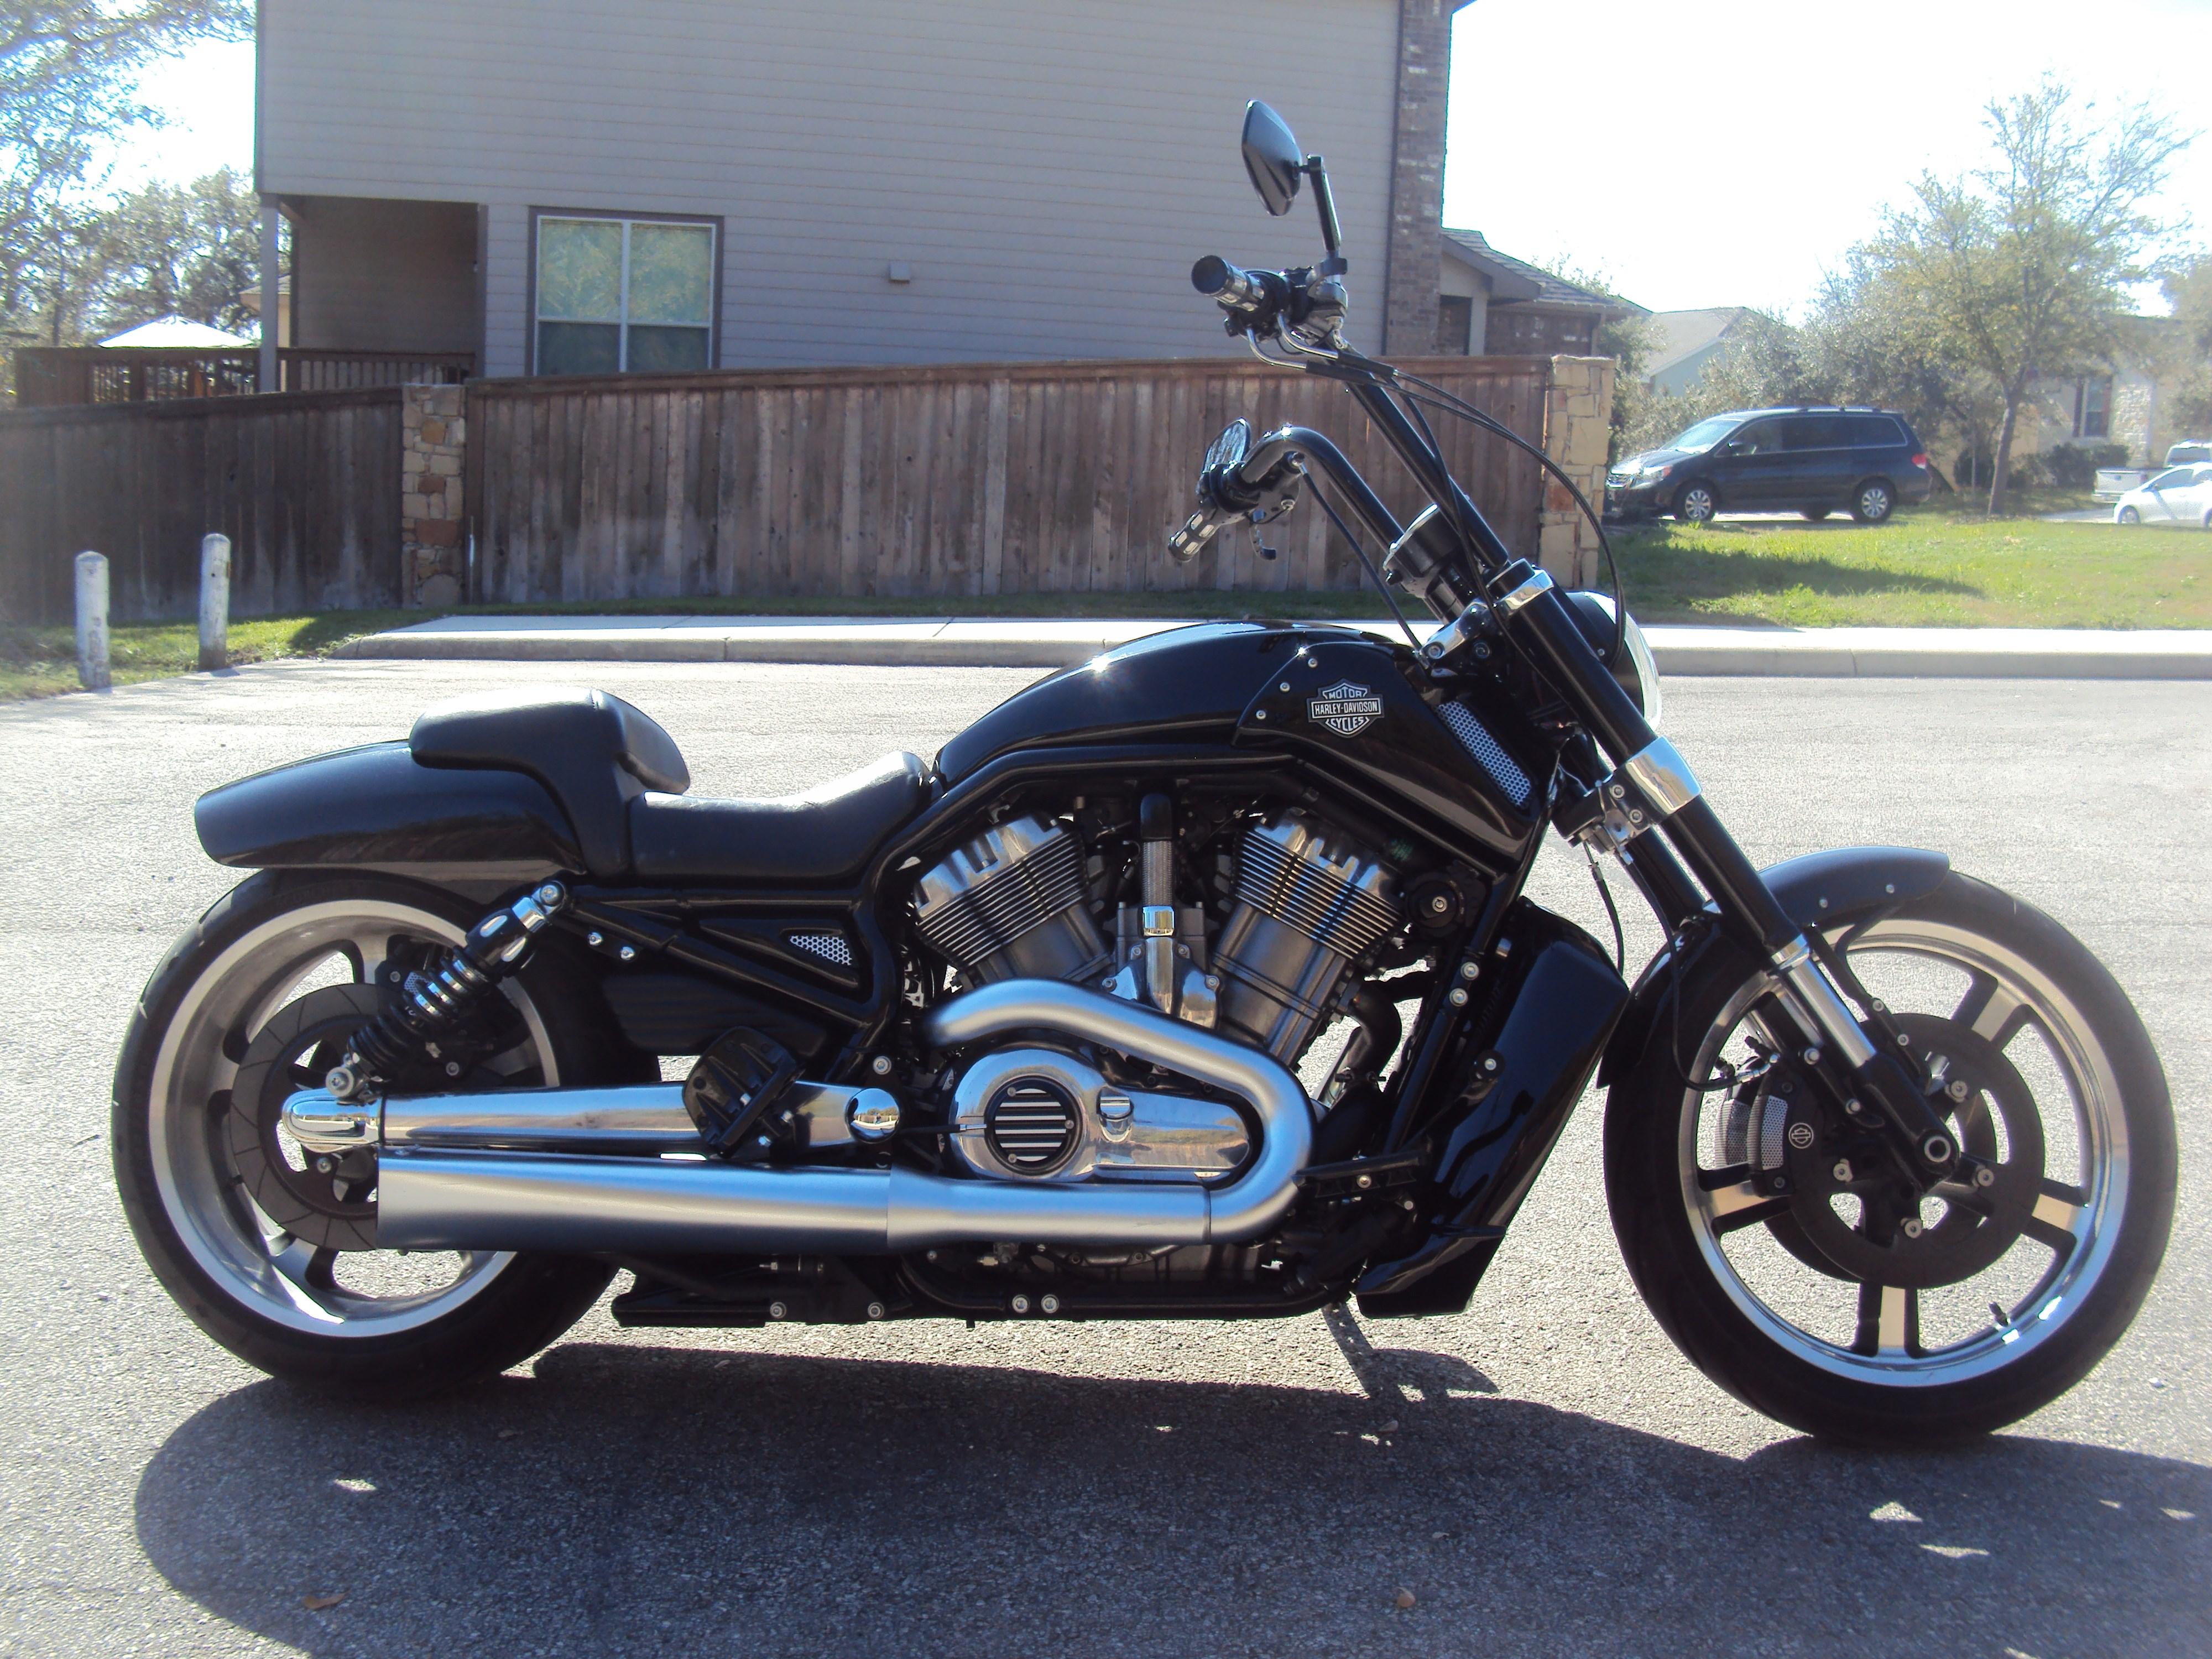 2011 Harley Davidson 174 Vrscf V Rod Muscle 174 Black San